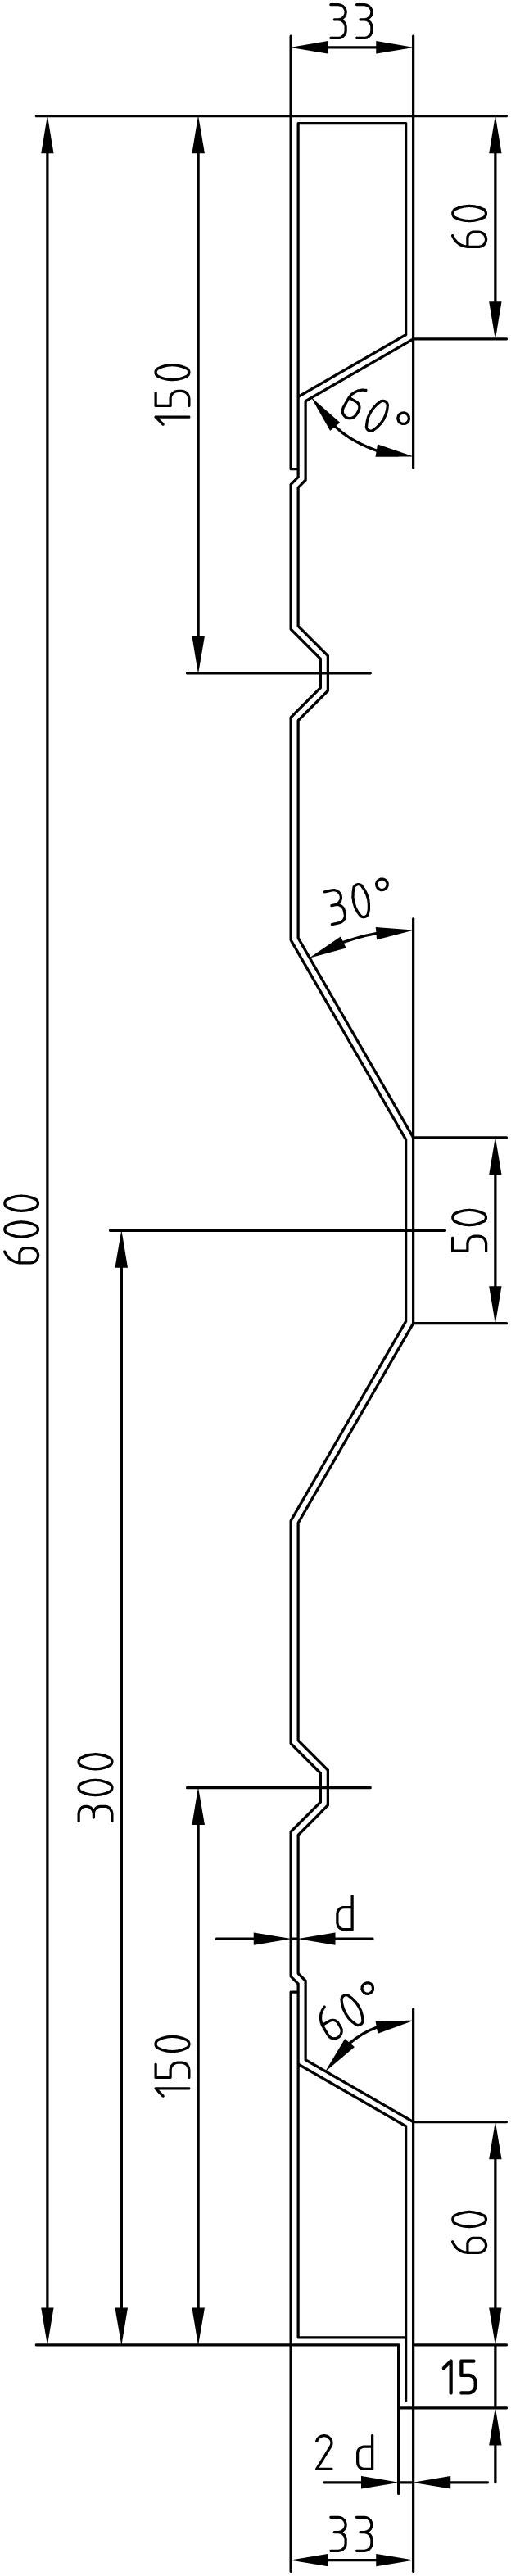 Brantner Kipper und Anhänger - NmE HVN 600x2 2131 trailing edge 40/20/5